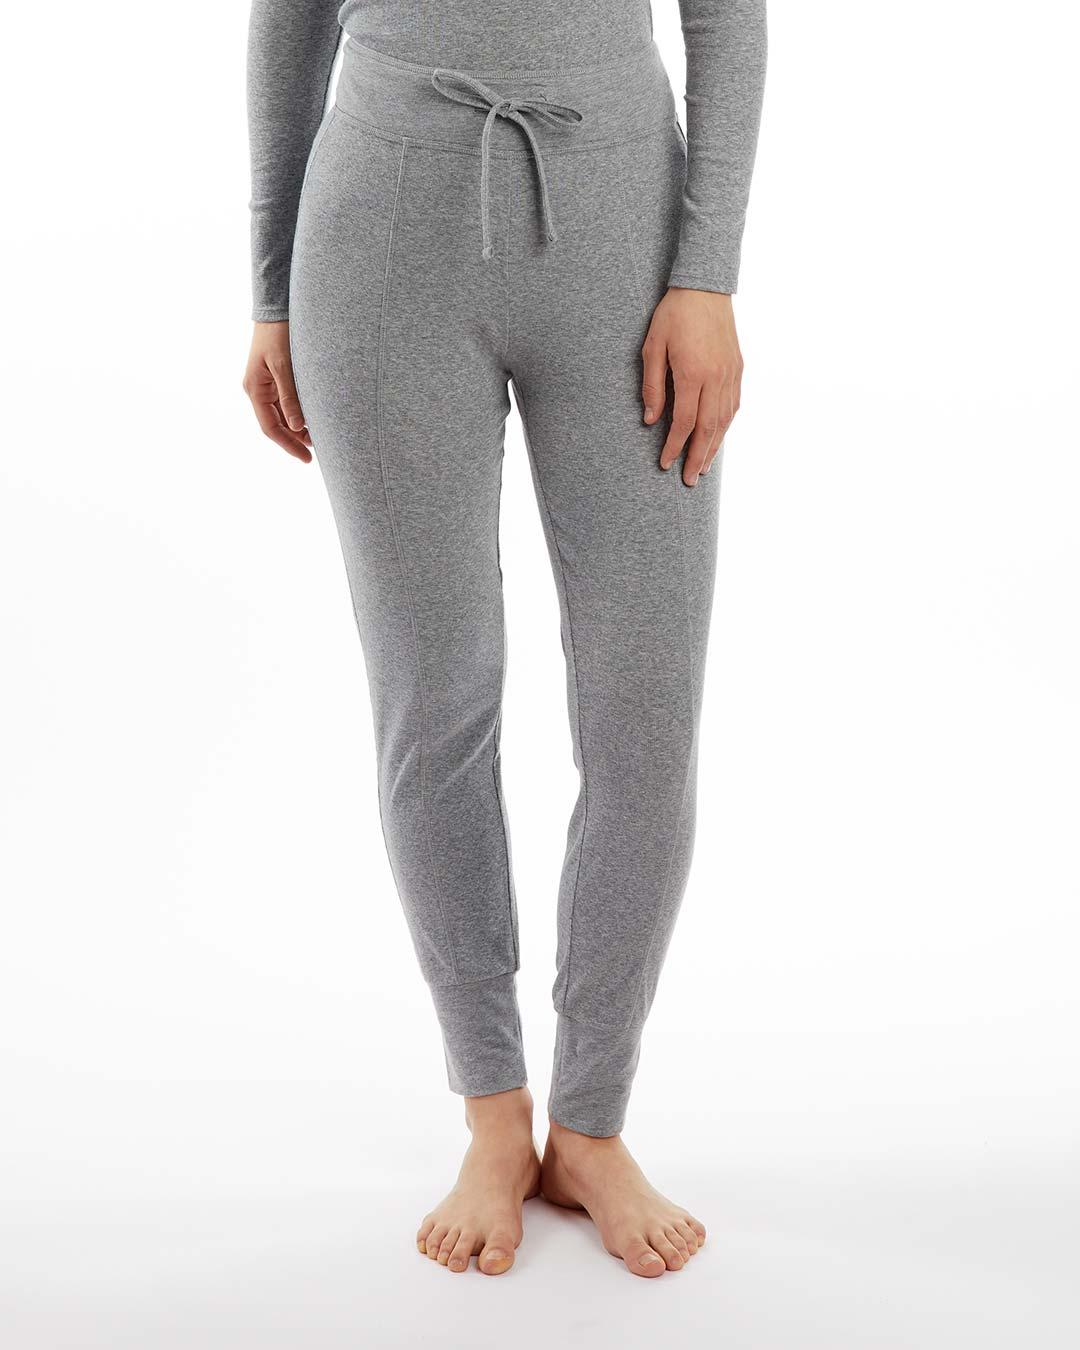 paper-label-danika-jogger-grey-mix-front-dianes-lingerie-vancouver-1080x1350